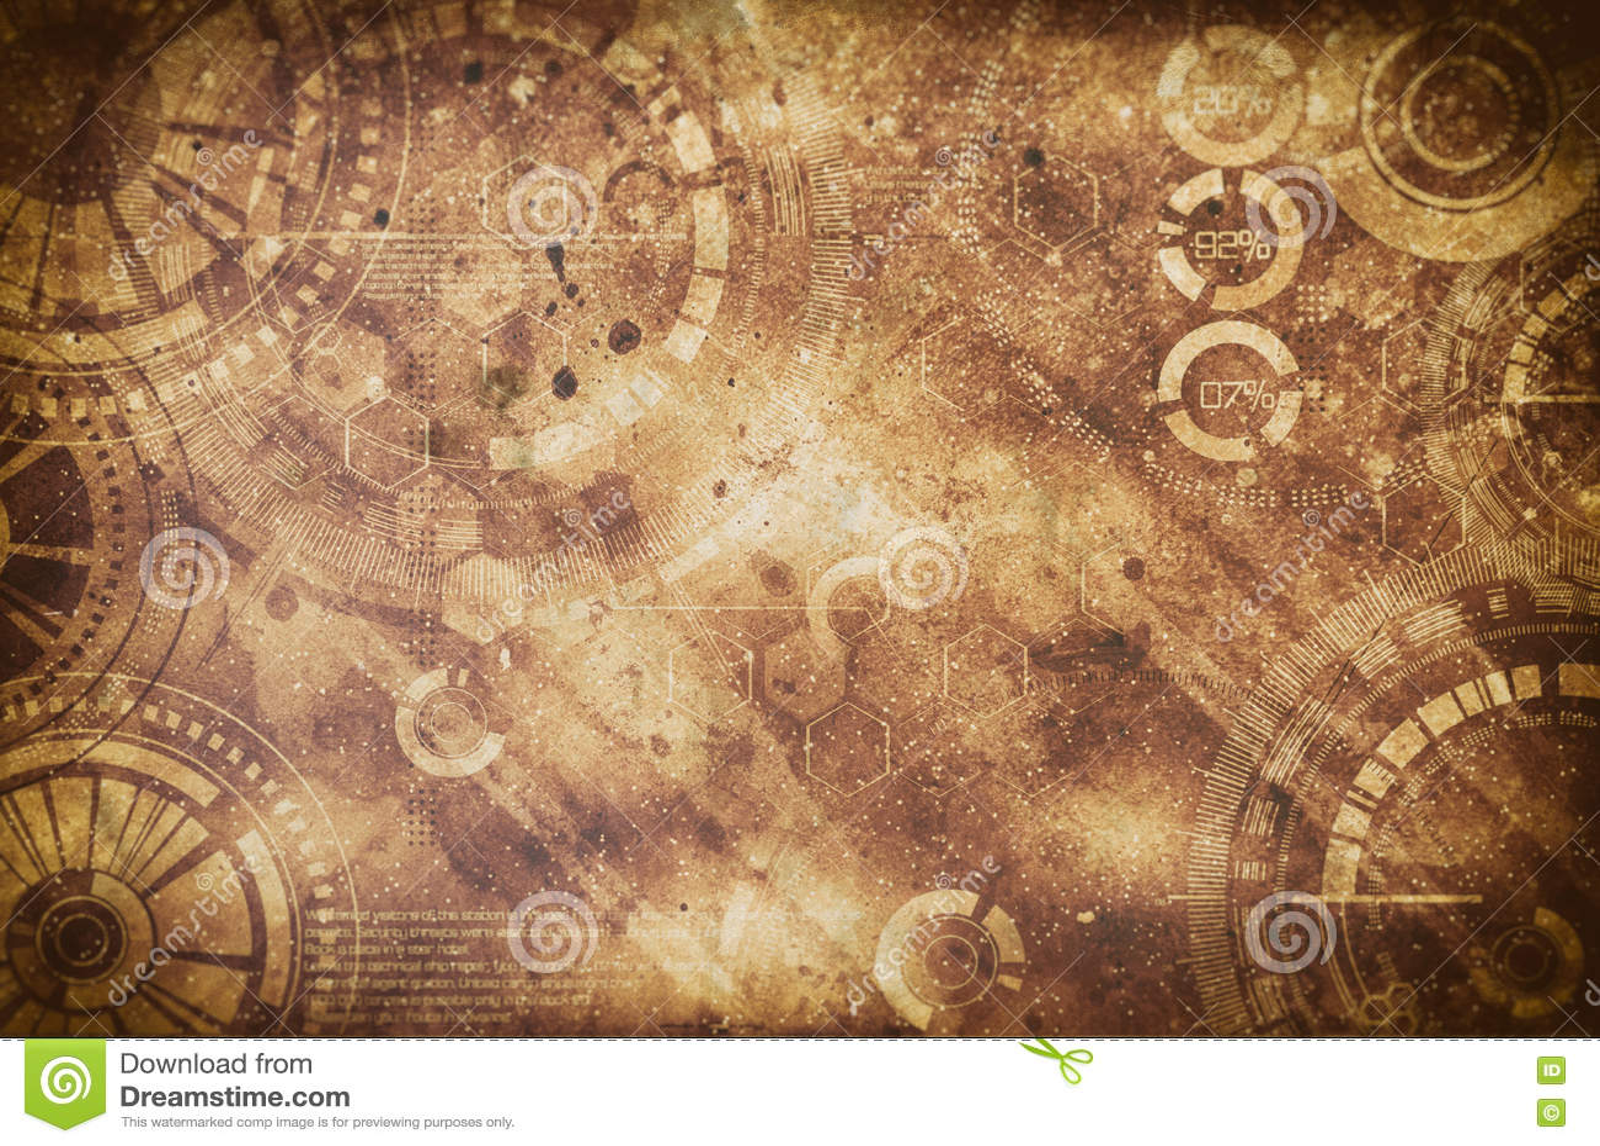 Steampunk-Schmutzhintergrund, Dampfpunkelemente auf schmutziger Rückseite